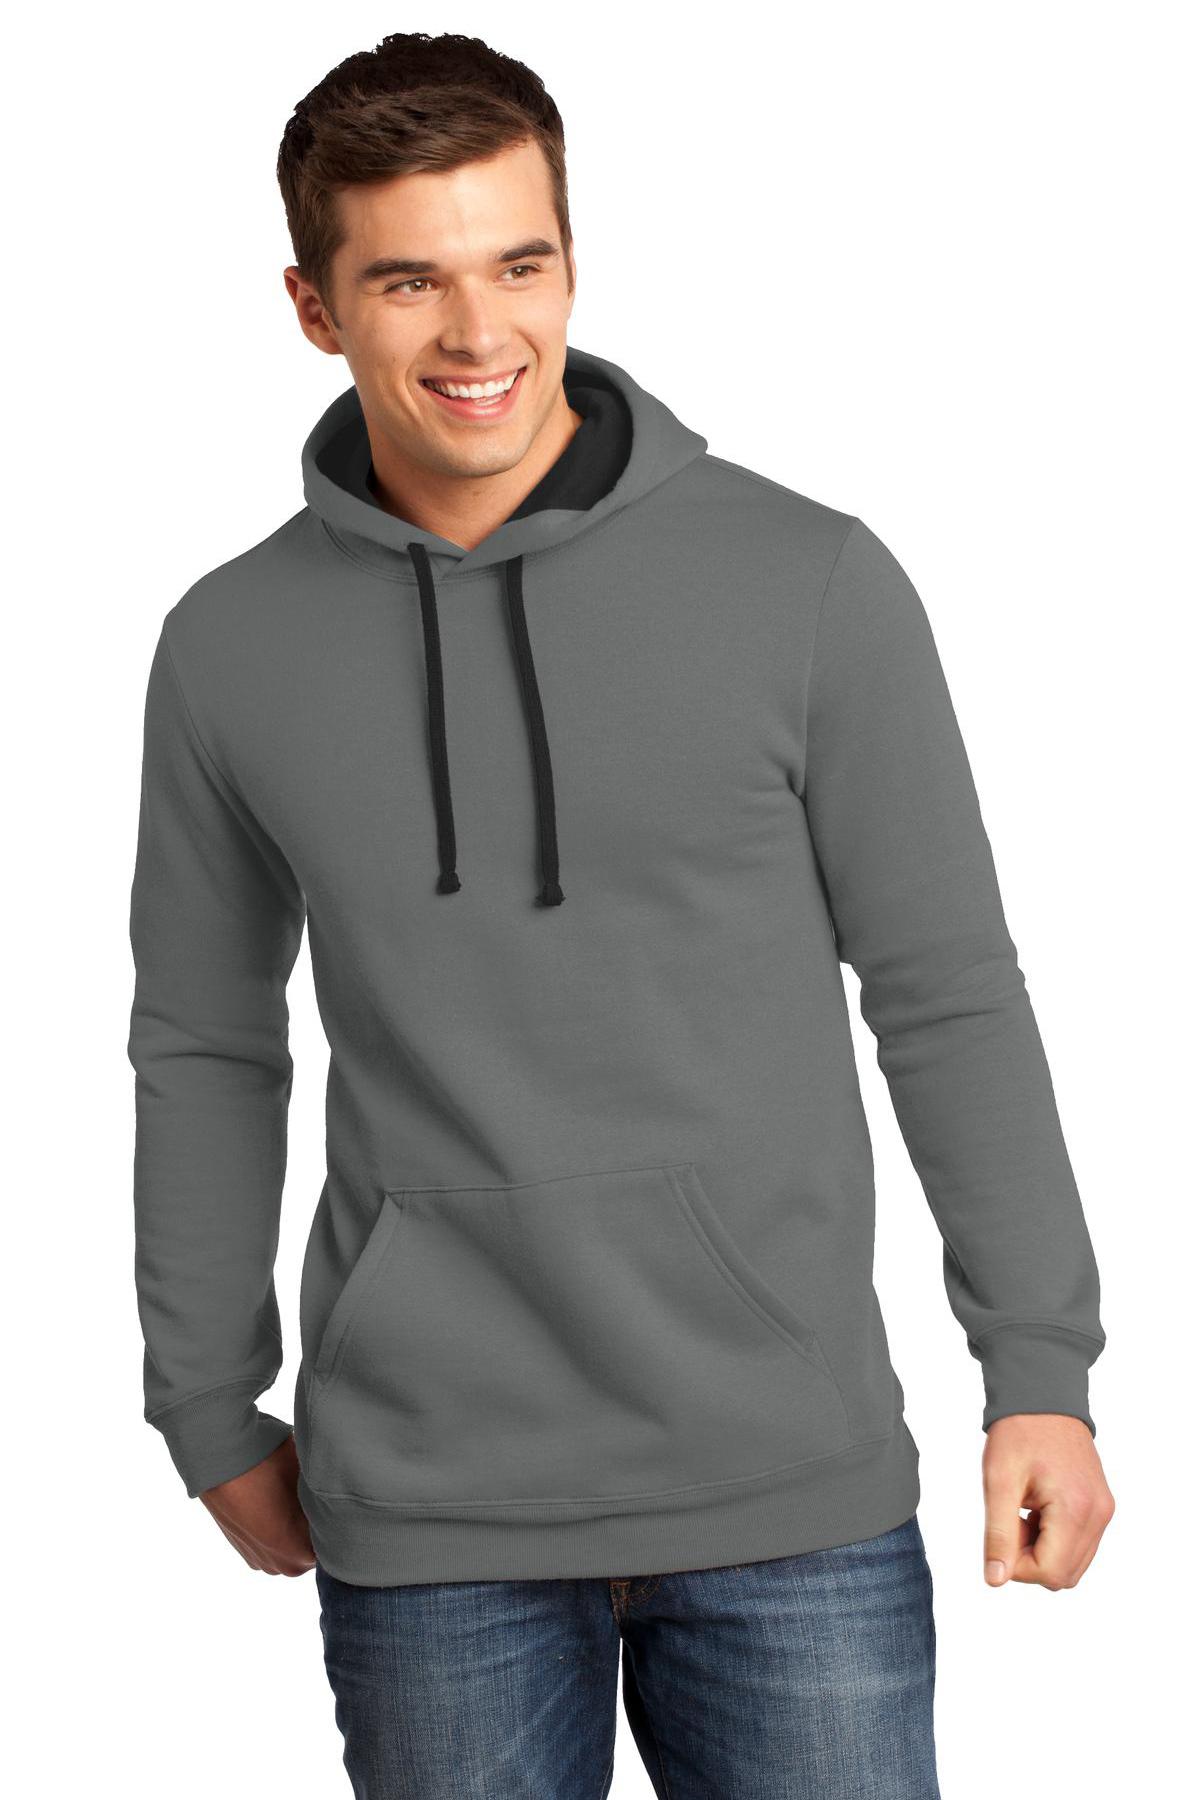 Sweatshirts-Fleece-Hooded-19